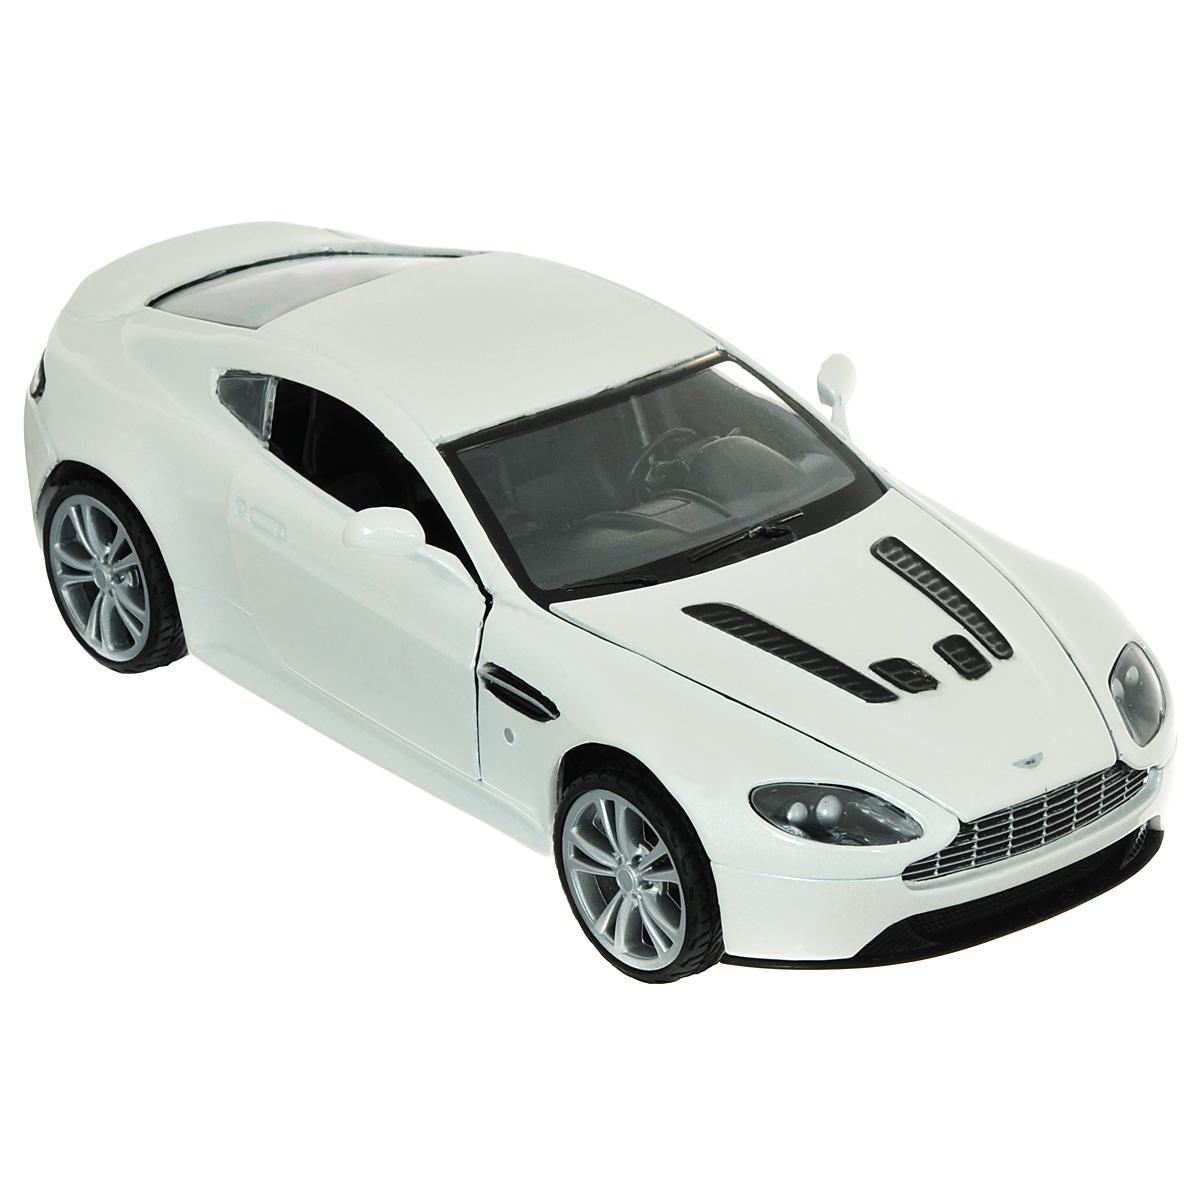 MotorMax Модель автомобиля Aston Martin V12 Vantagewhite/ast73357Коллекционная модель MotorMax Aston Martin V12 Vantage станет хорошим подарком для любого ценителя автомобилей. Aston Martin V12 Vantage - это сдержанная роскошь. Впечатляющий, мощный, спортивный и невероятно дорогой, этот автомобиль покорил сердца многих автолюбителей. Если вы причисляете себя к поклонникам Aston Martin или хотите сделать подарок его любителю, нет ничего лучше, чем масштабная модель от MotorMax, которая выглядит точь-в-точь как настоящий авто. Несомненное достоинство модели - отлитый из металла корпус, обеспечивающий предельно долгий срок службы. Он декорирован пластиком (салон и другие элементы), а на колесах этой мини-копии Aston Martin резиновые шины. Создатели модели с высокой точностью воспроизвели все особенности настоящего авто, включая детали интерьера и моторного отсека. Вы можете убедиться в этом самостоятельно, открыв двери и капот авто. Помимо открывающихся деталей, у машины поворачиваются колеса.